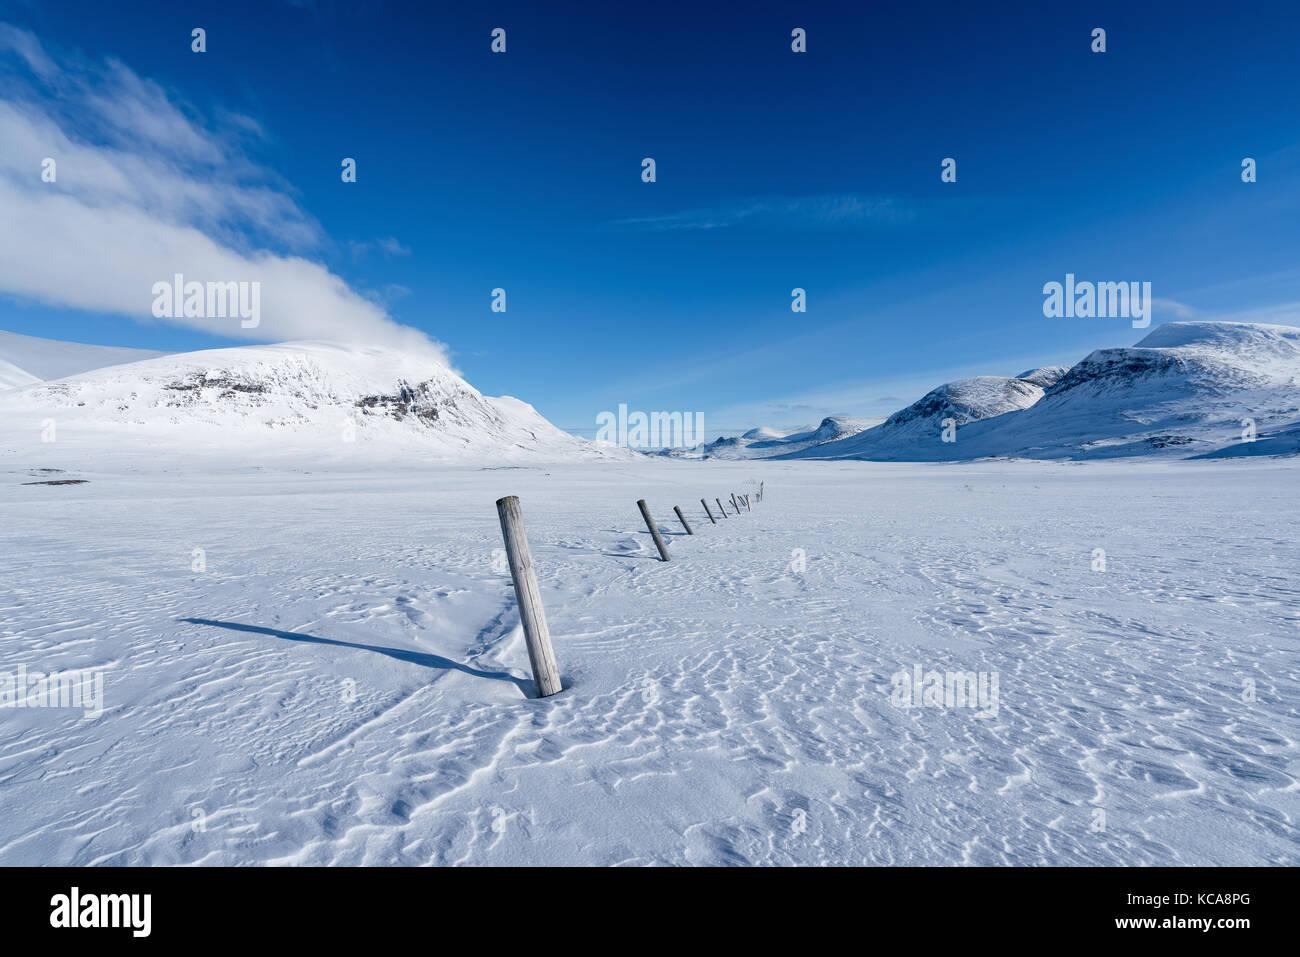 Ski de randonnée au kebnekaise région immense, en Laponie suédoise, la Suède, Europe Photo Stock